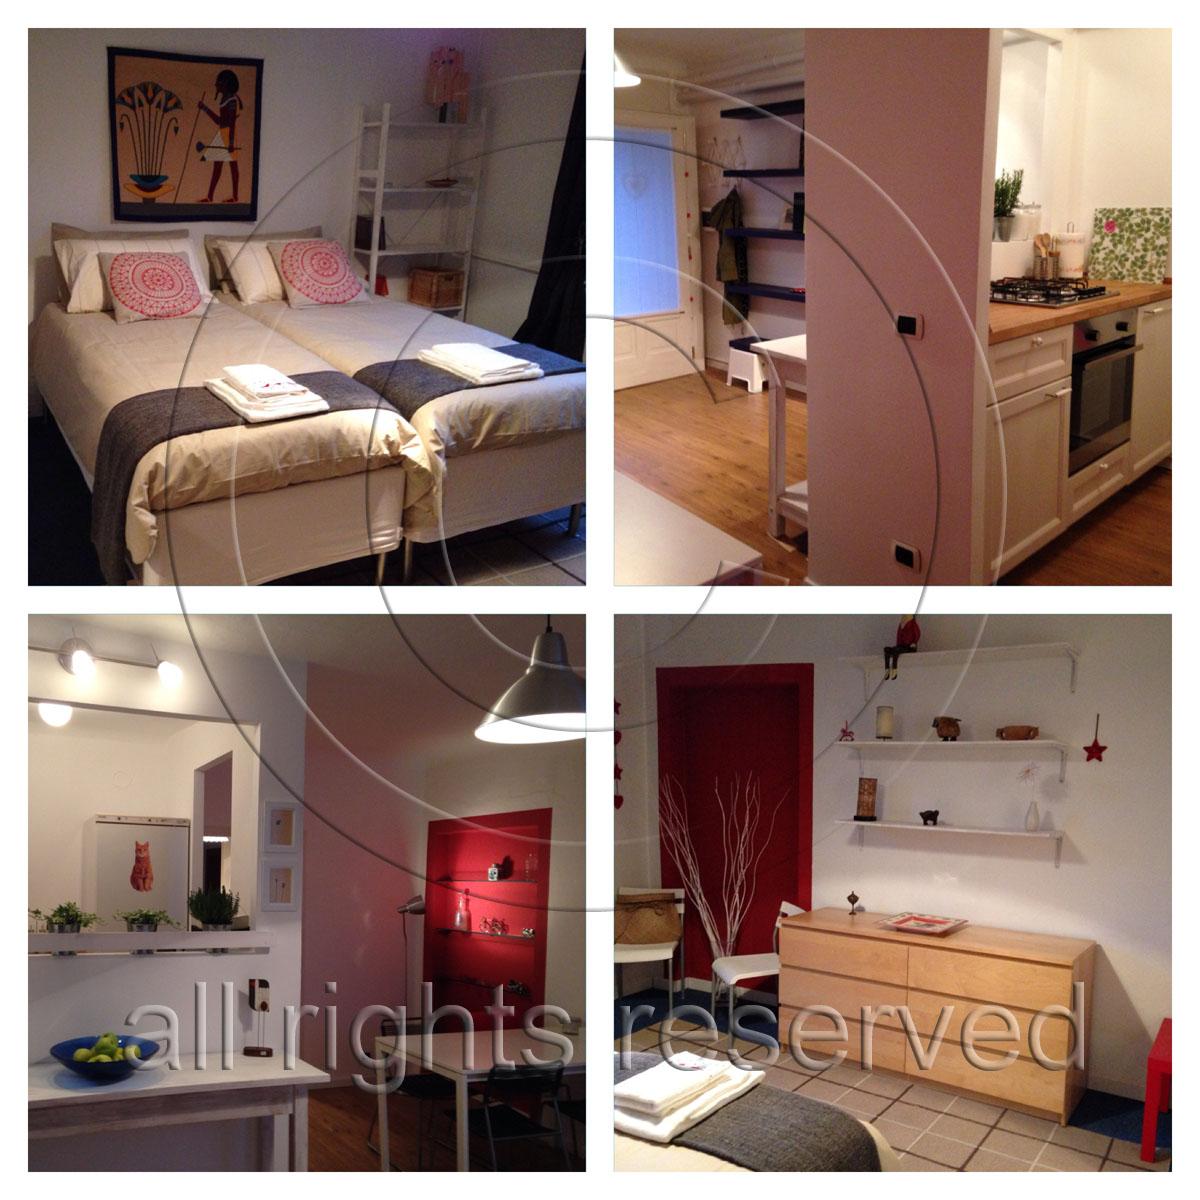 Lägenhet uthyres - fyra bilder utan notan